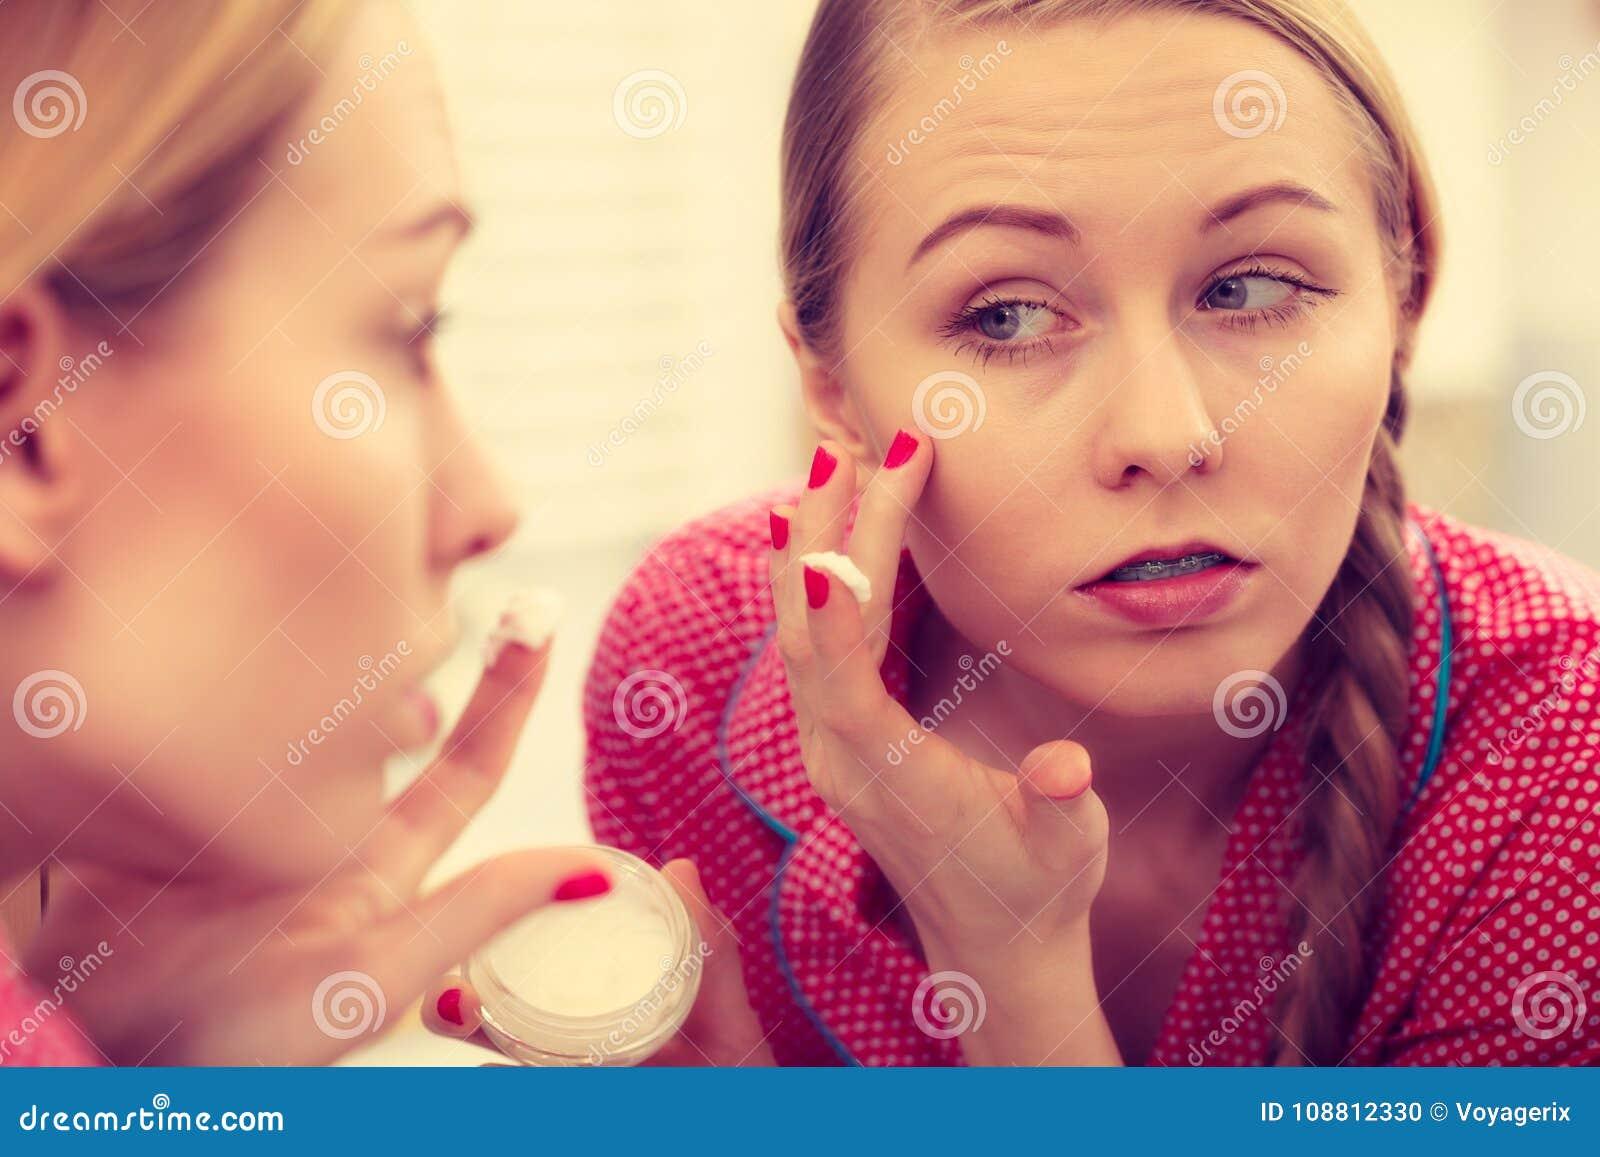 Γυναίκα που εφαρμόζει την ενυδατική κρέμα δερμάτων Skincare